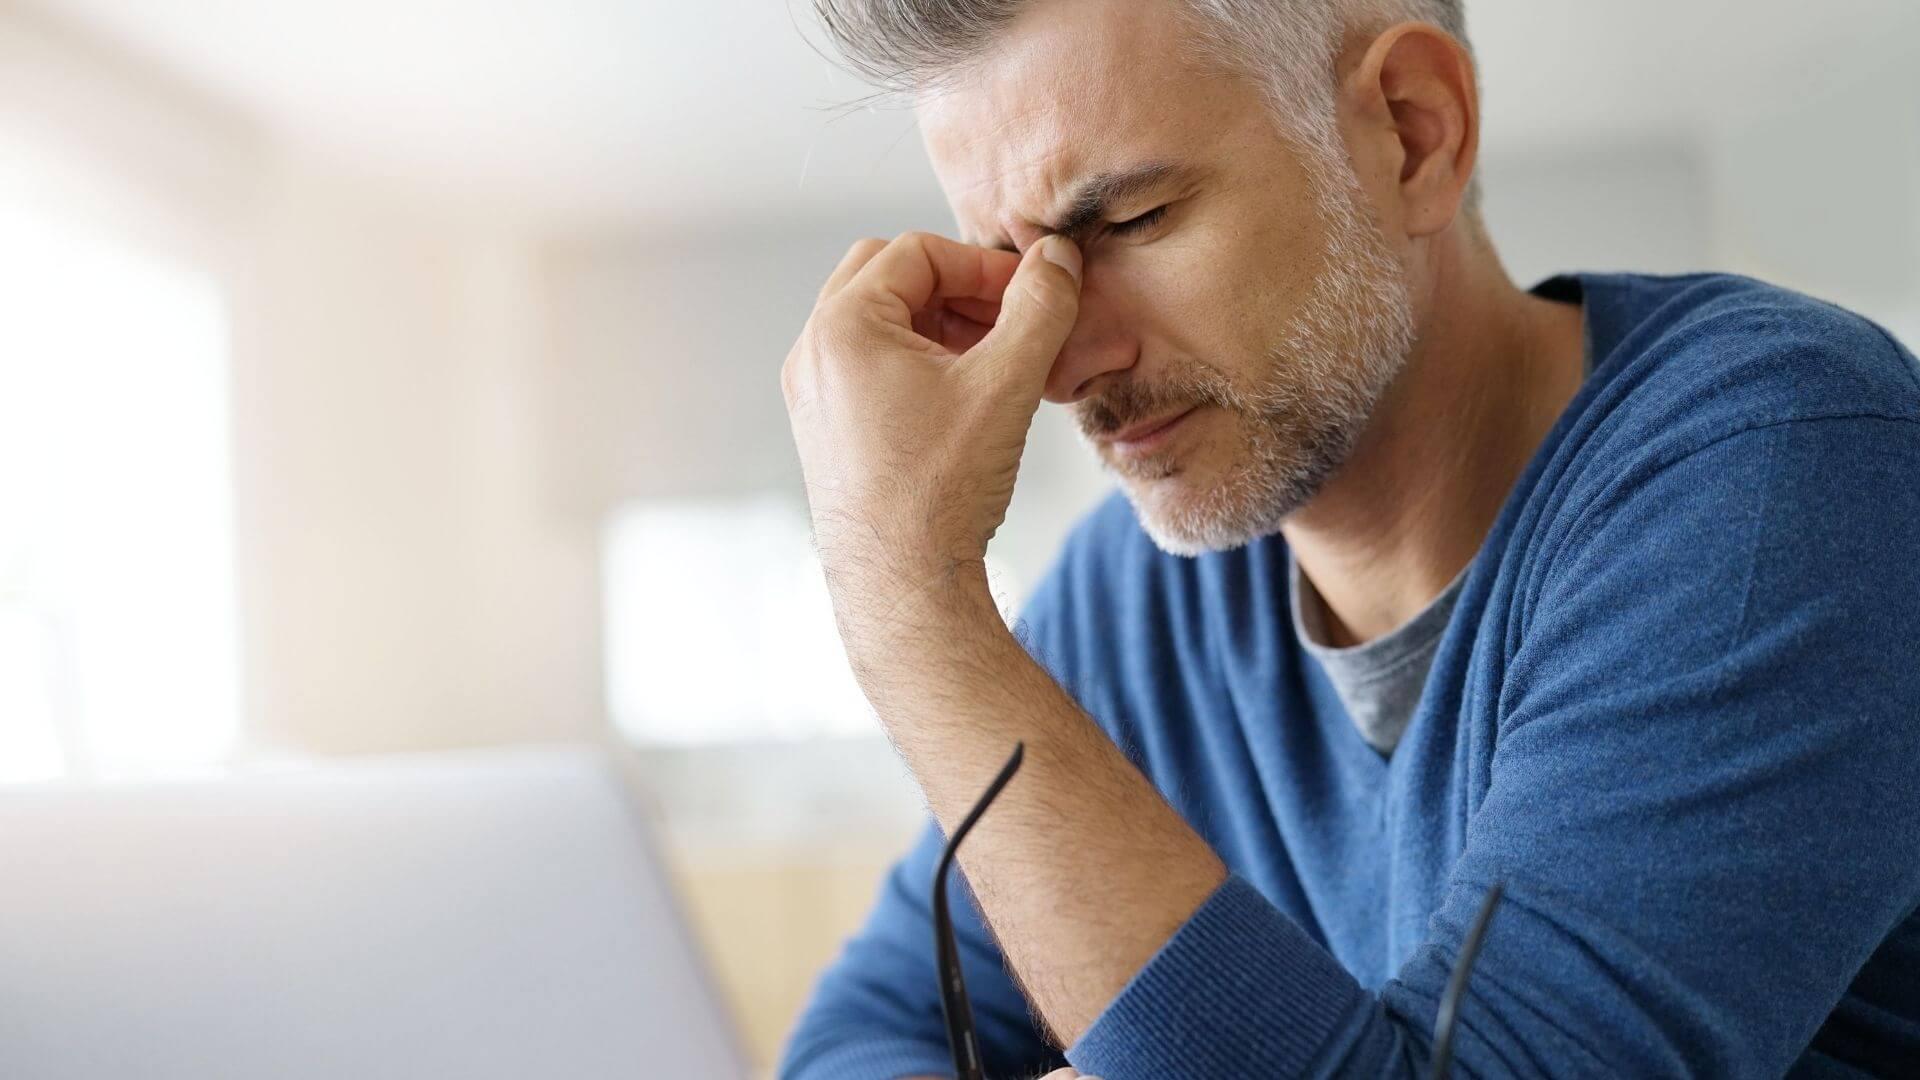 Olej CBD na migreny i bóle głowy